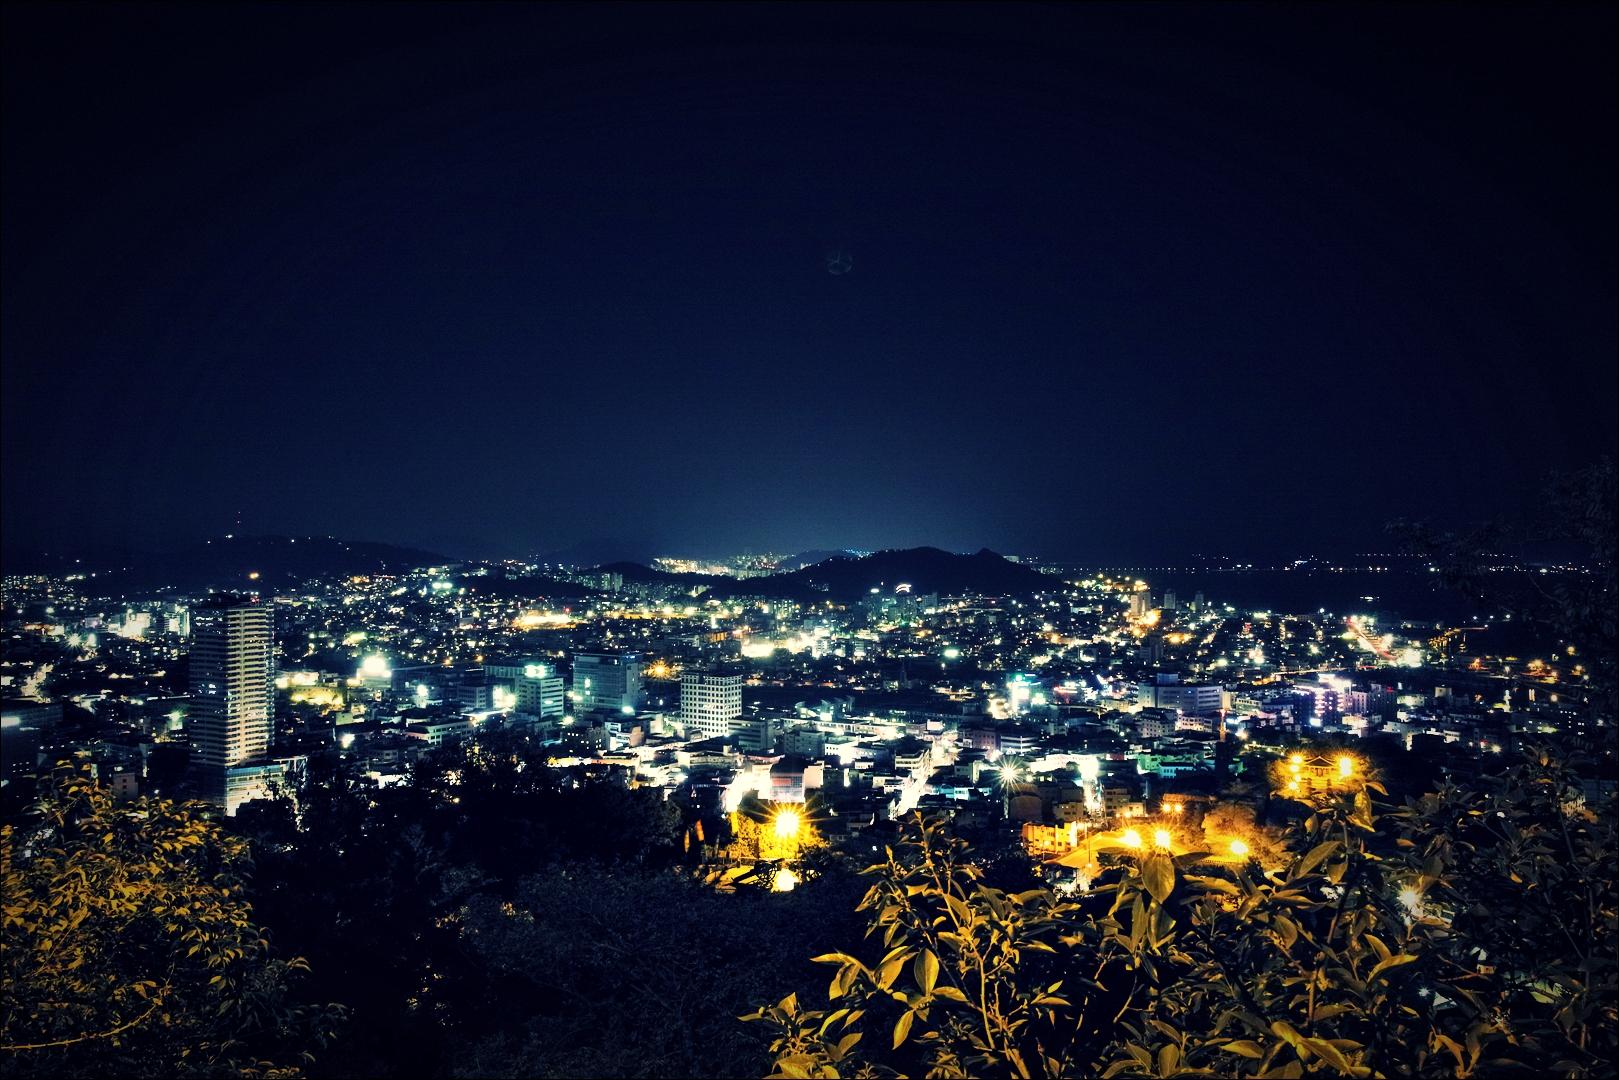 유달산에서 바라본 야경-'목포 구경 Sightseeing Mokpo'